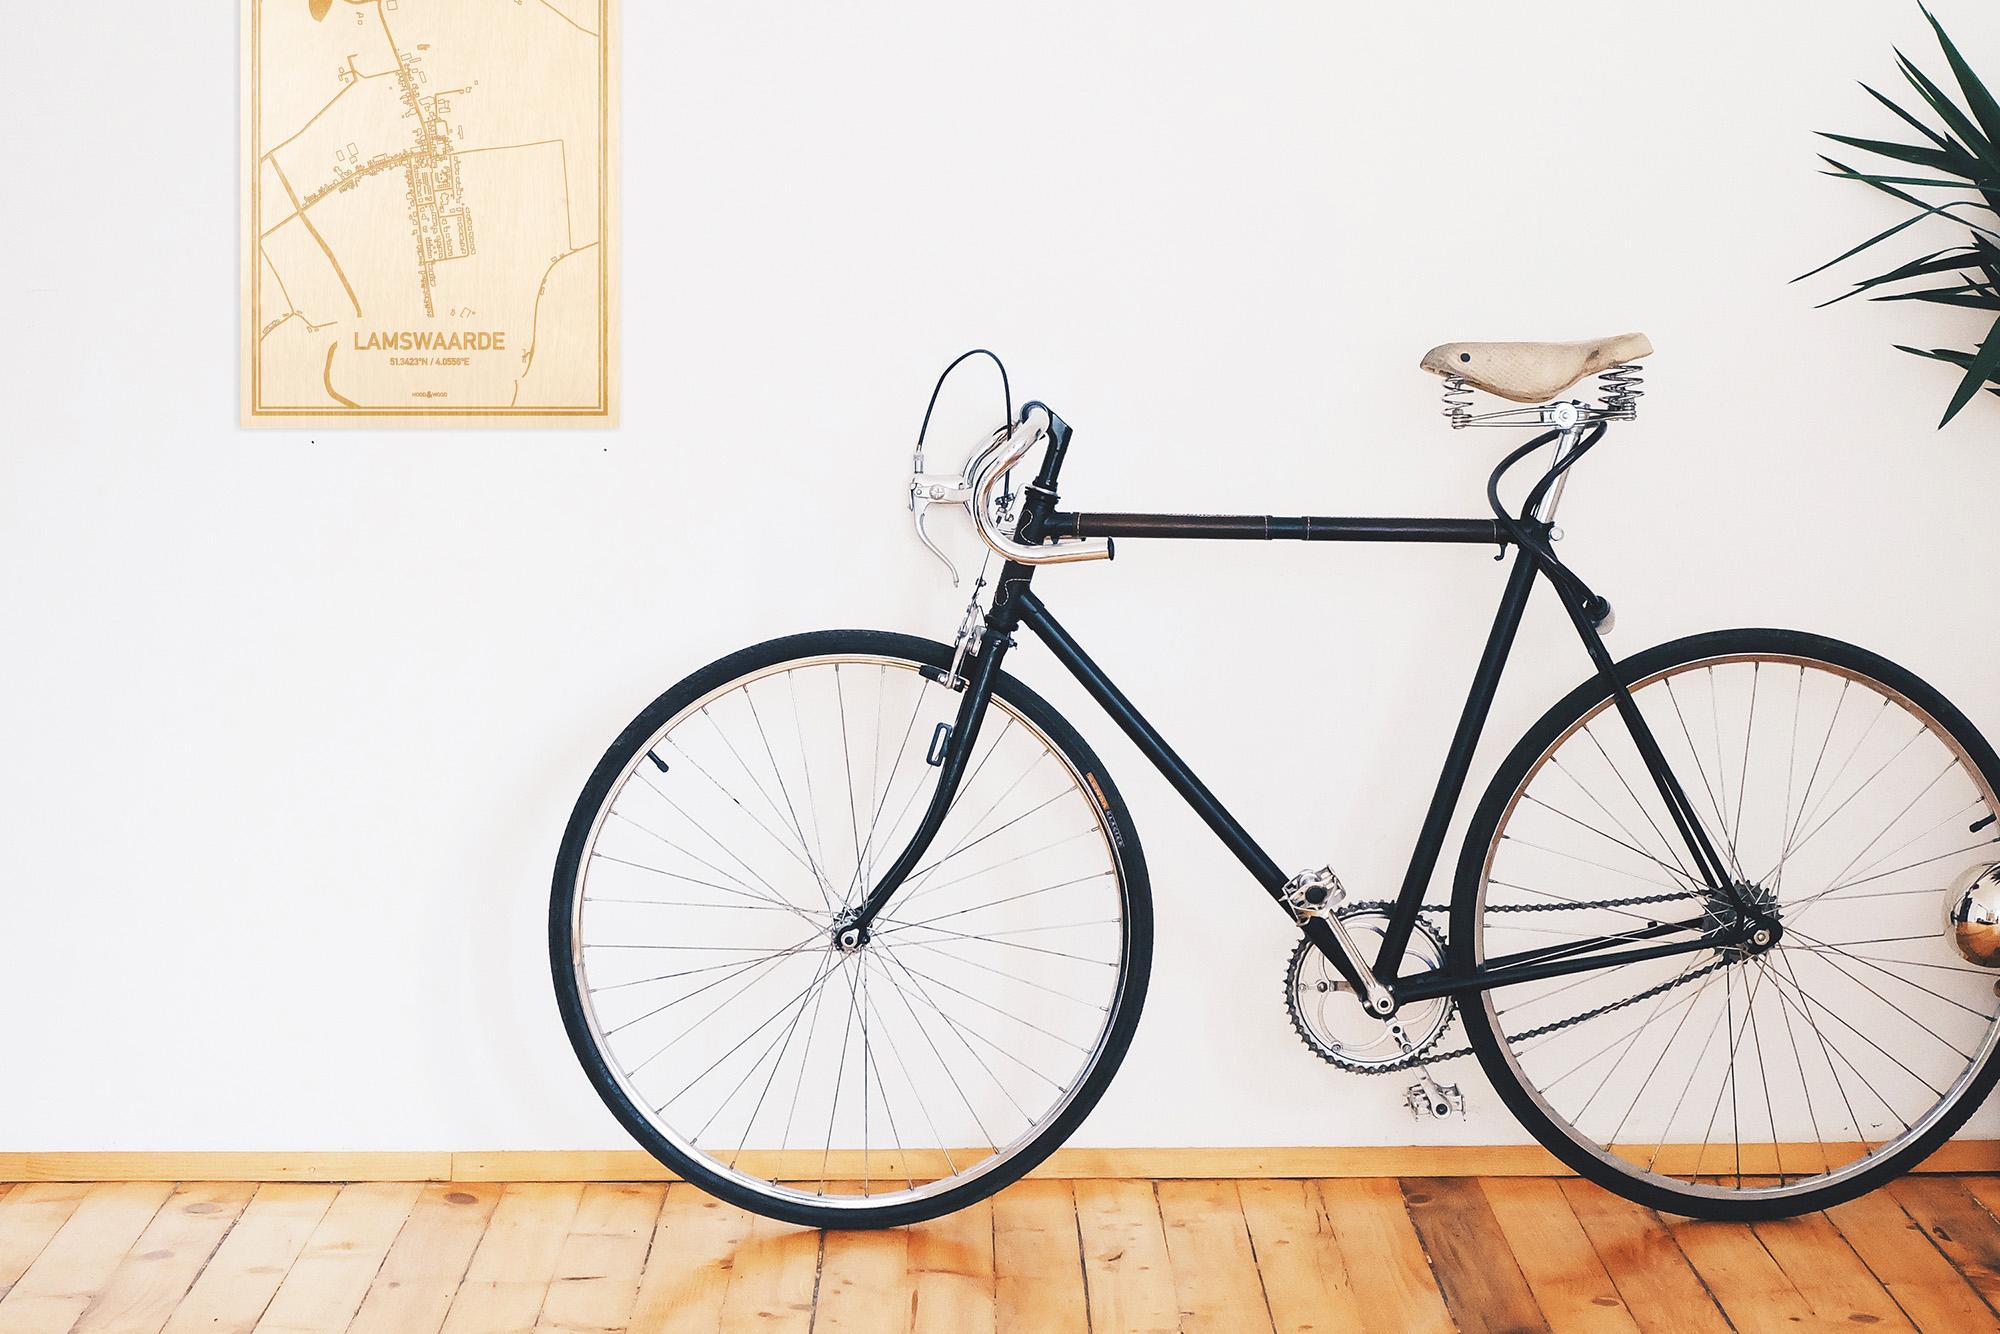 Een snelle fiets in een uniek interieur in Zeeland met mooie decoratie zoals de plattegrond Lamswaarde.